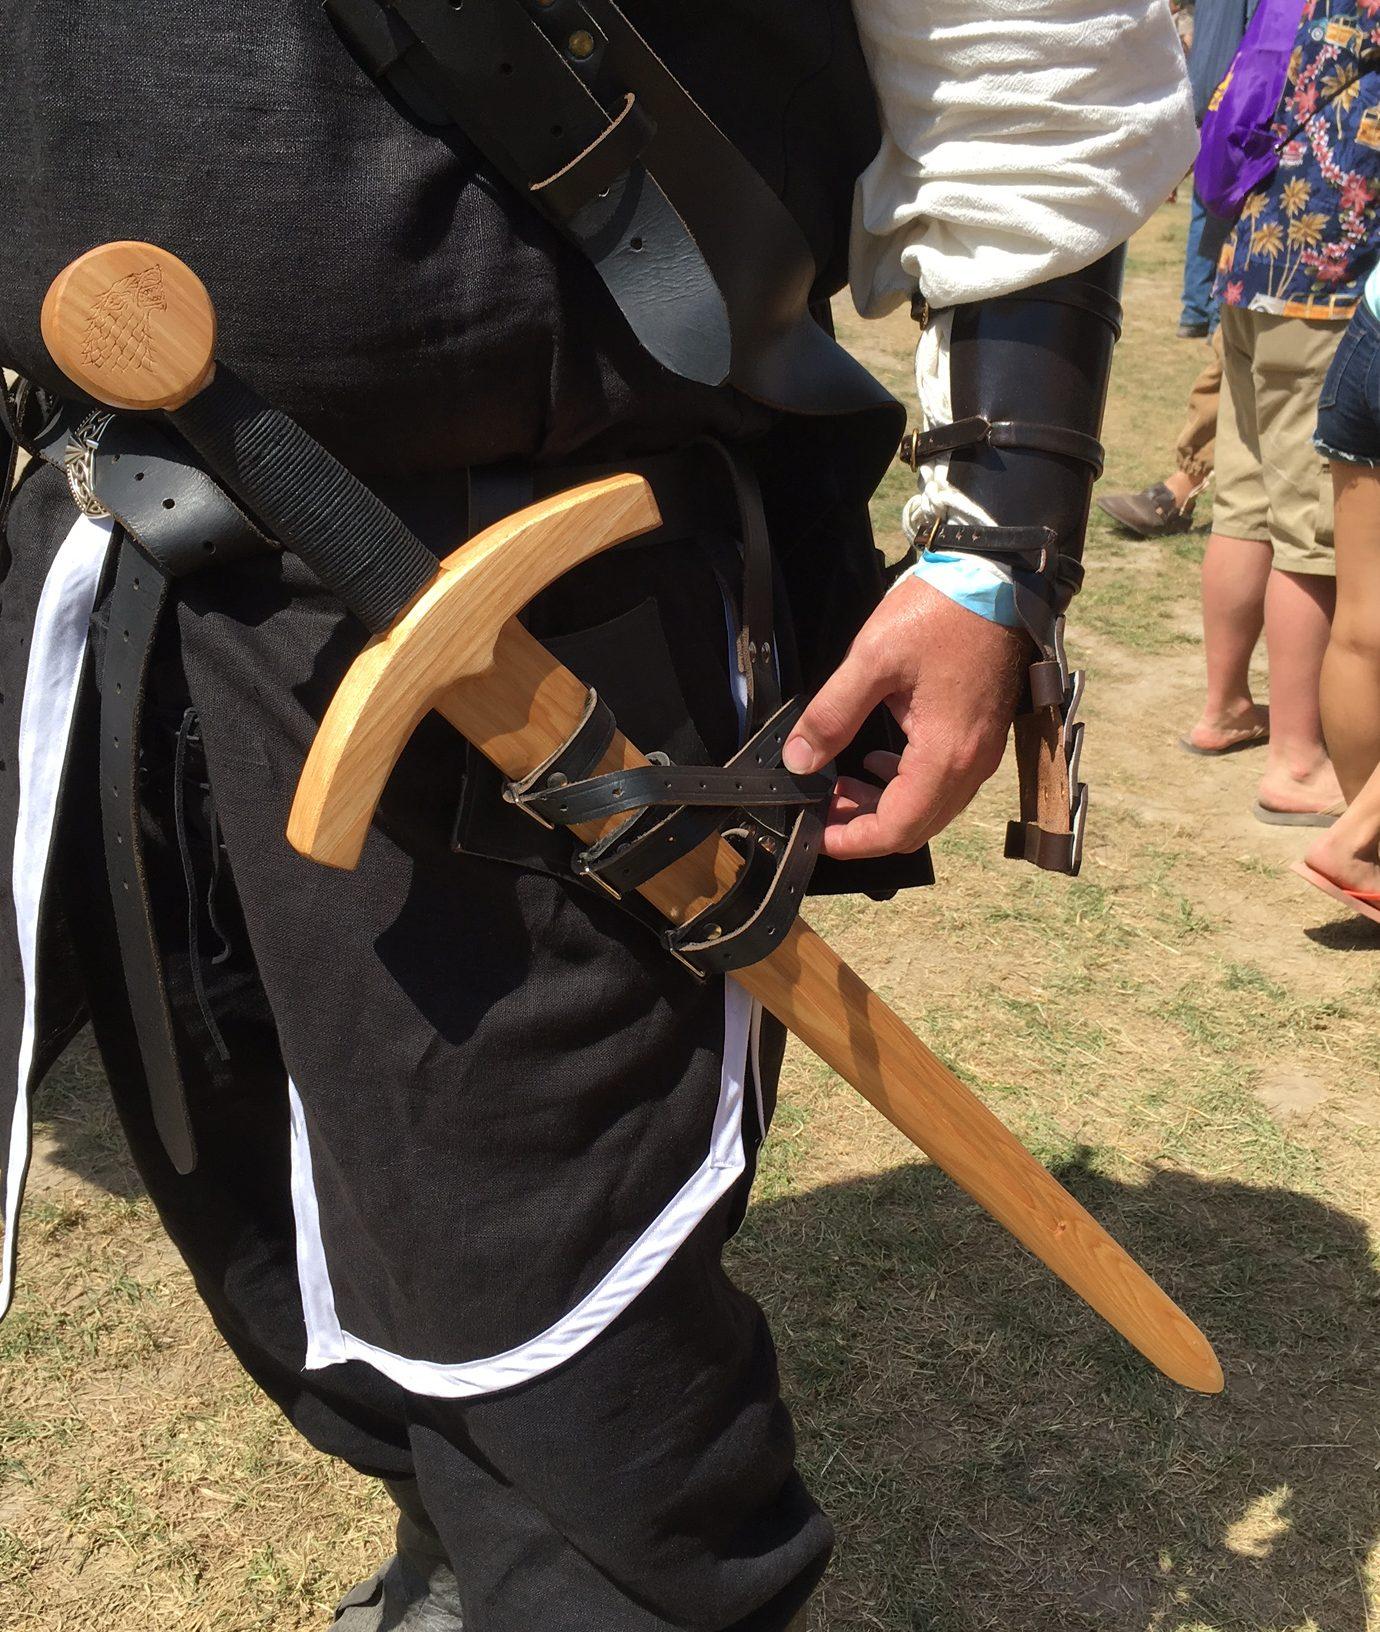 Arming Sword - Hickory Arms